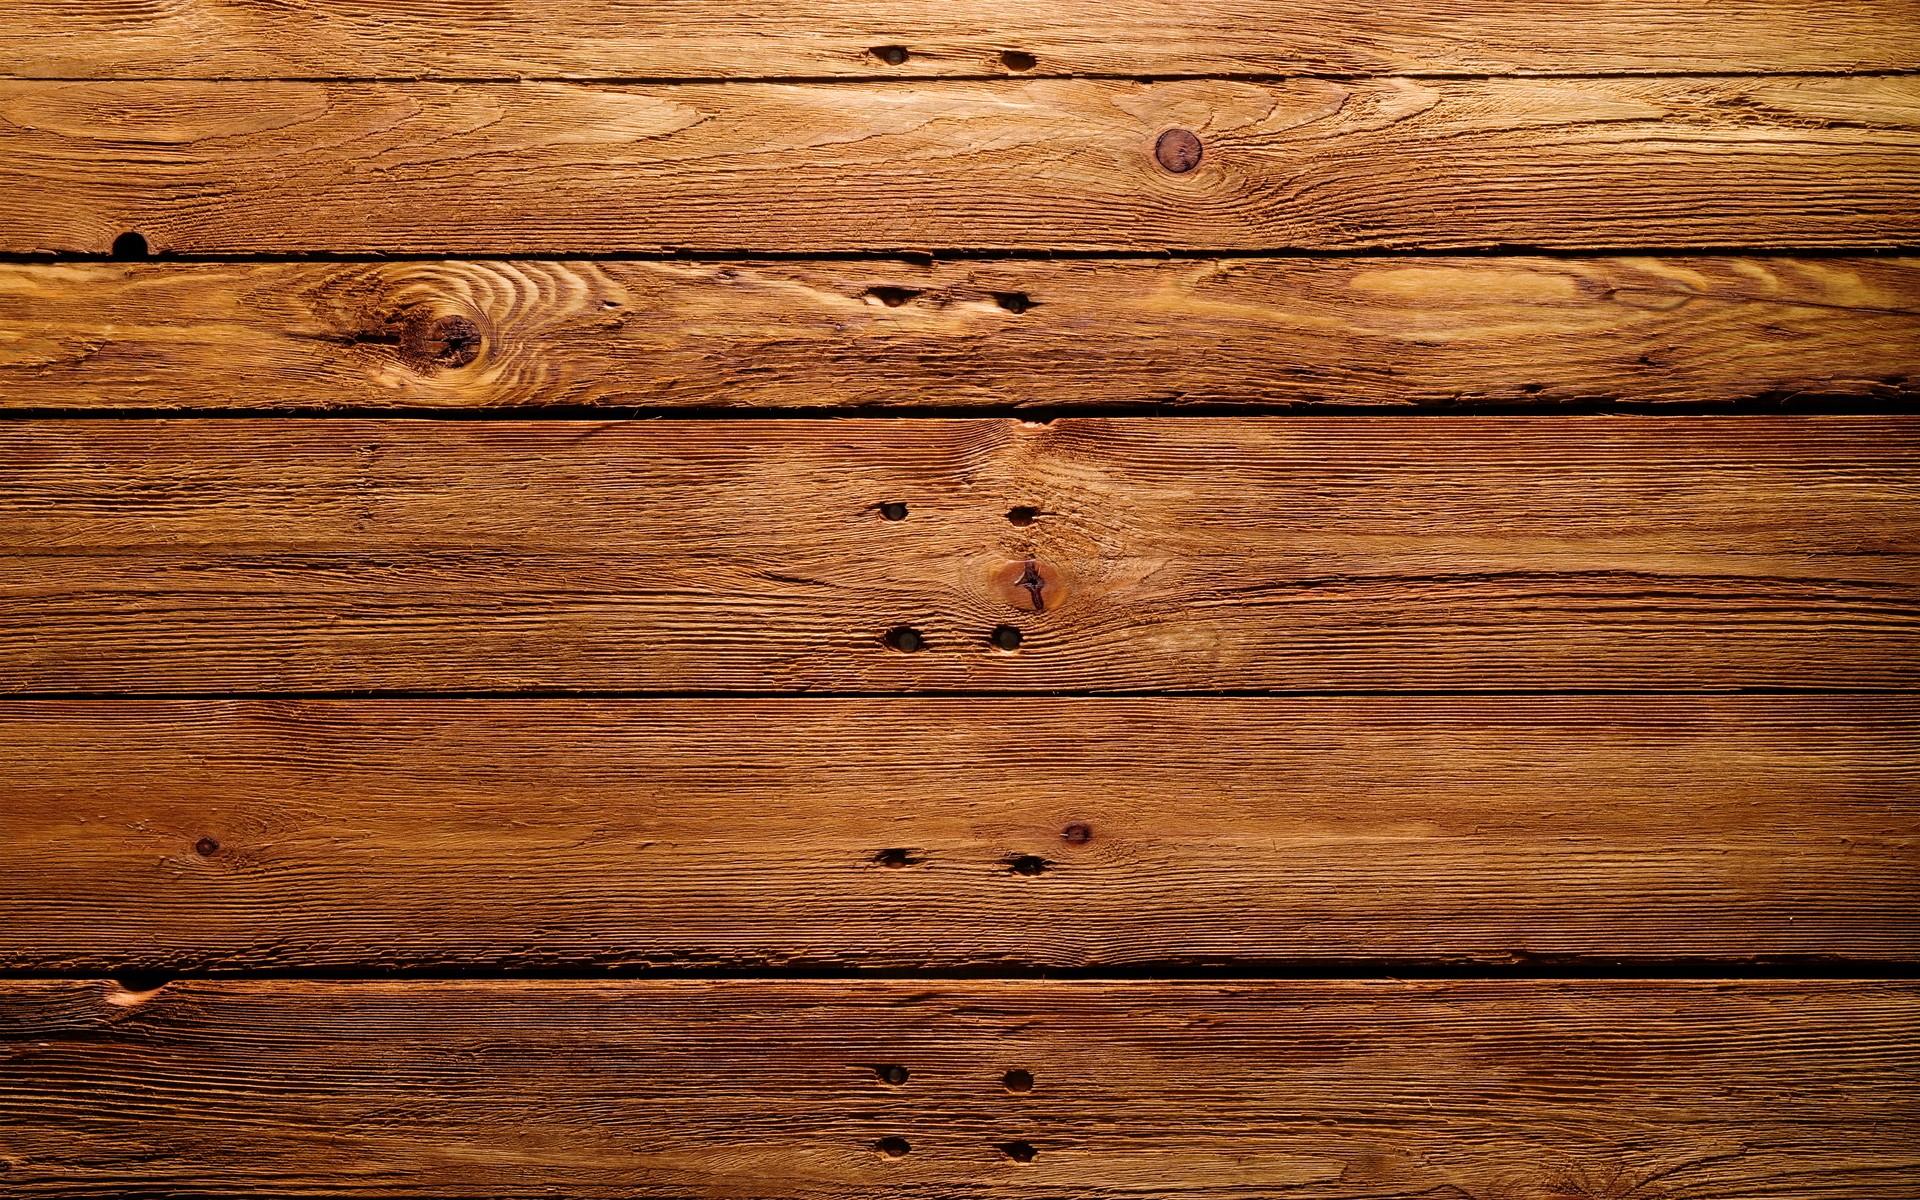 Textura tablas de madera - 1920x1200